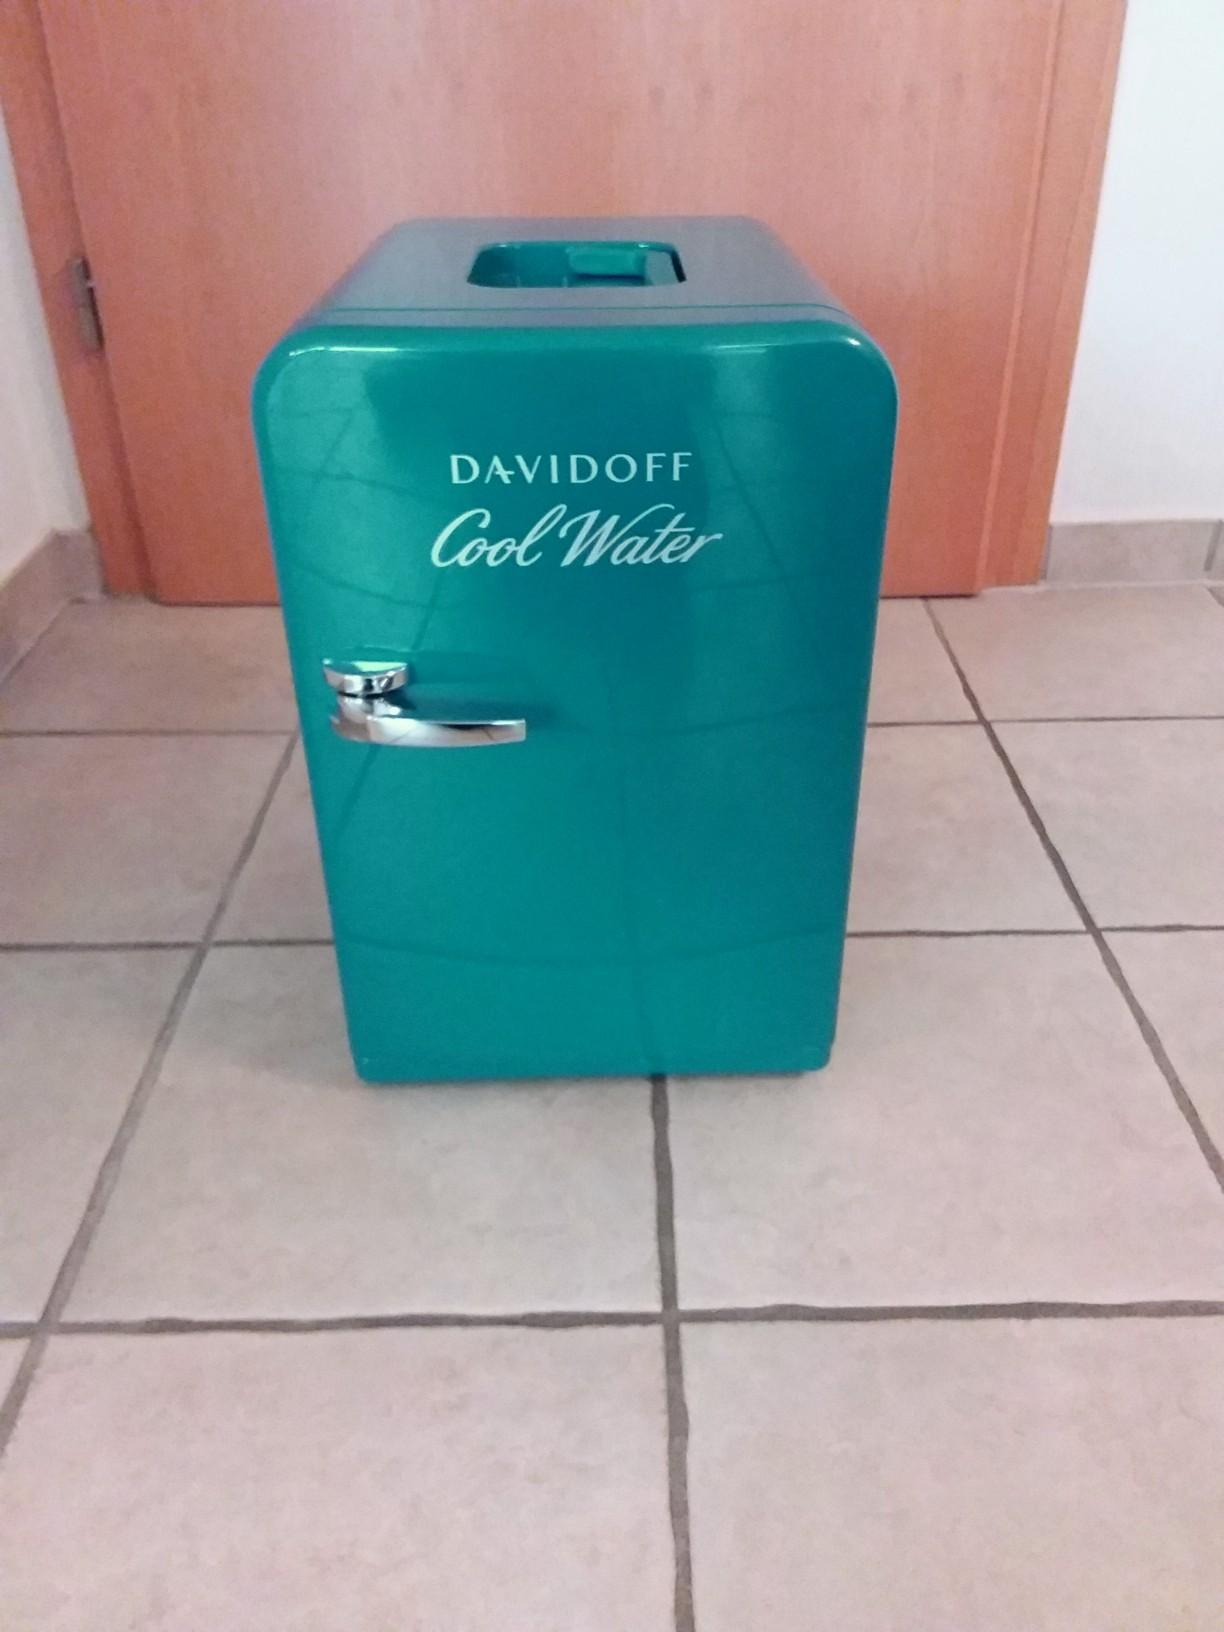 Mini Kühlschrank Warsteiner : Gebraucht mini kühlschrank edition davidoff cool water in